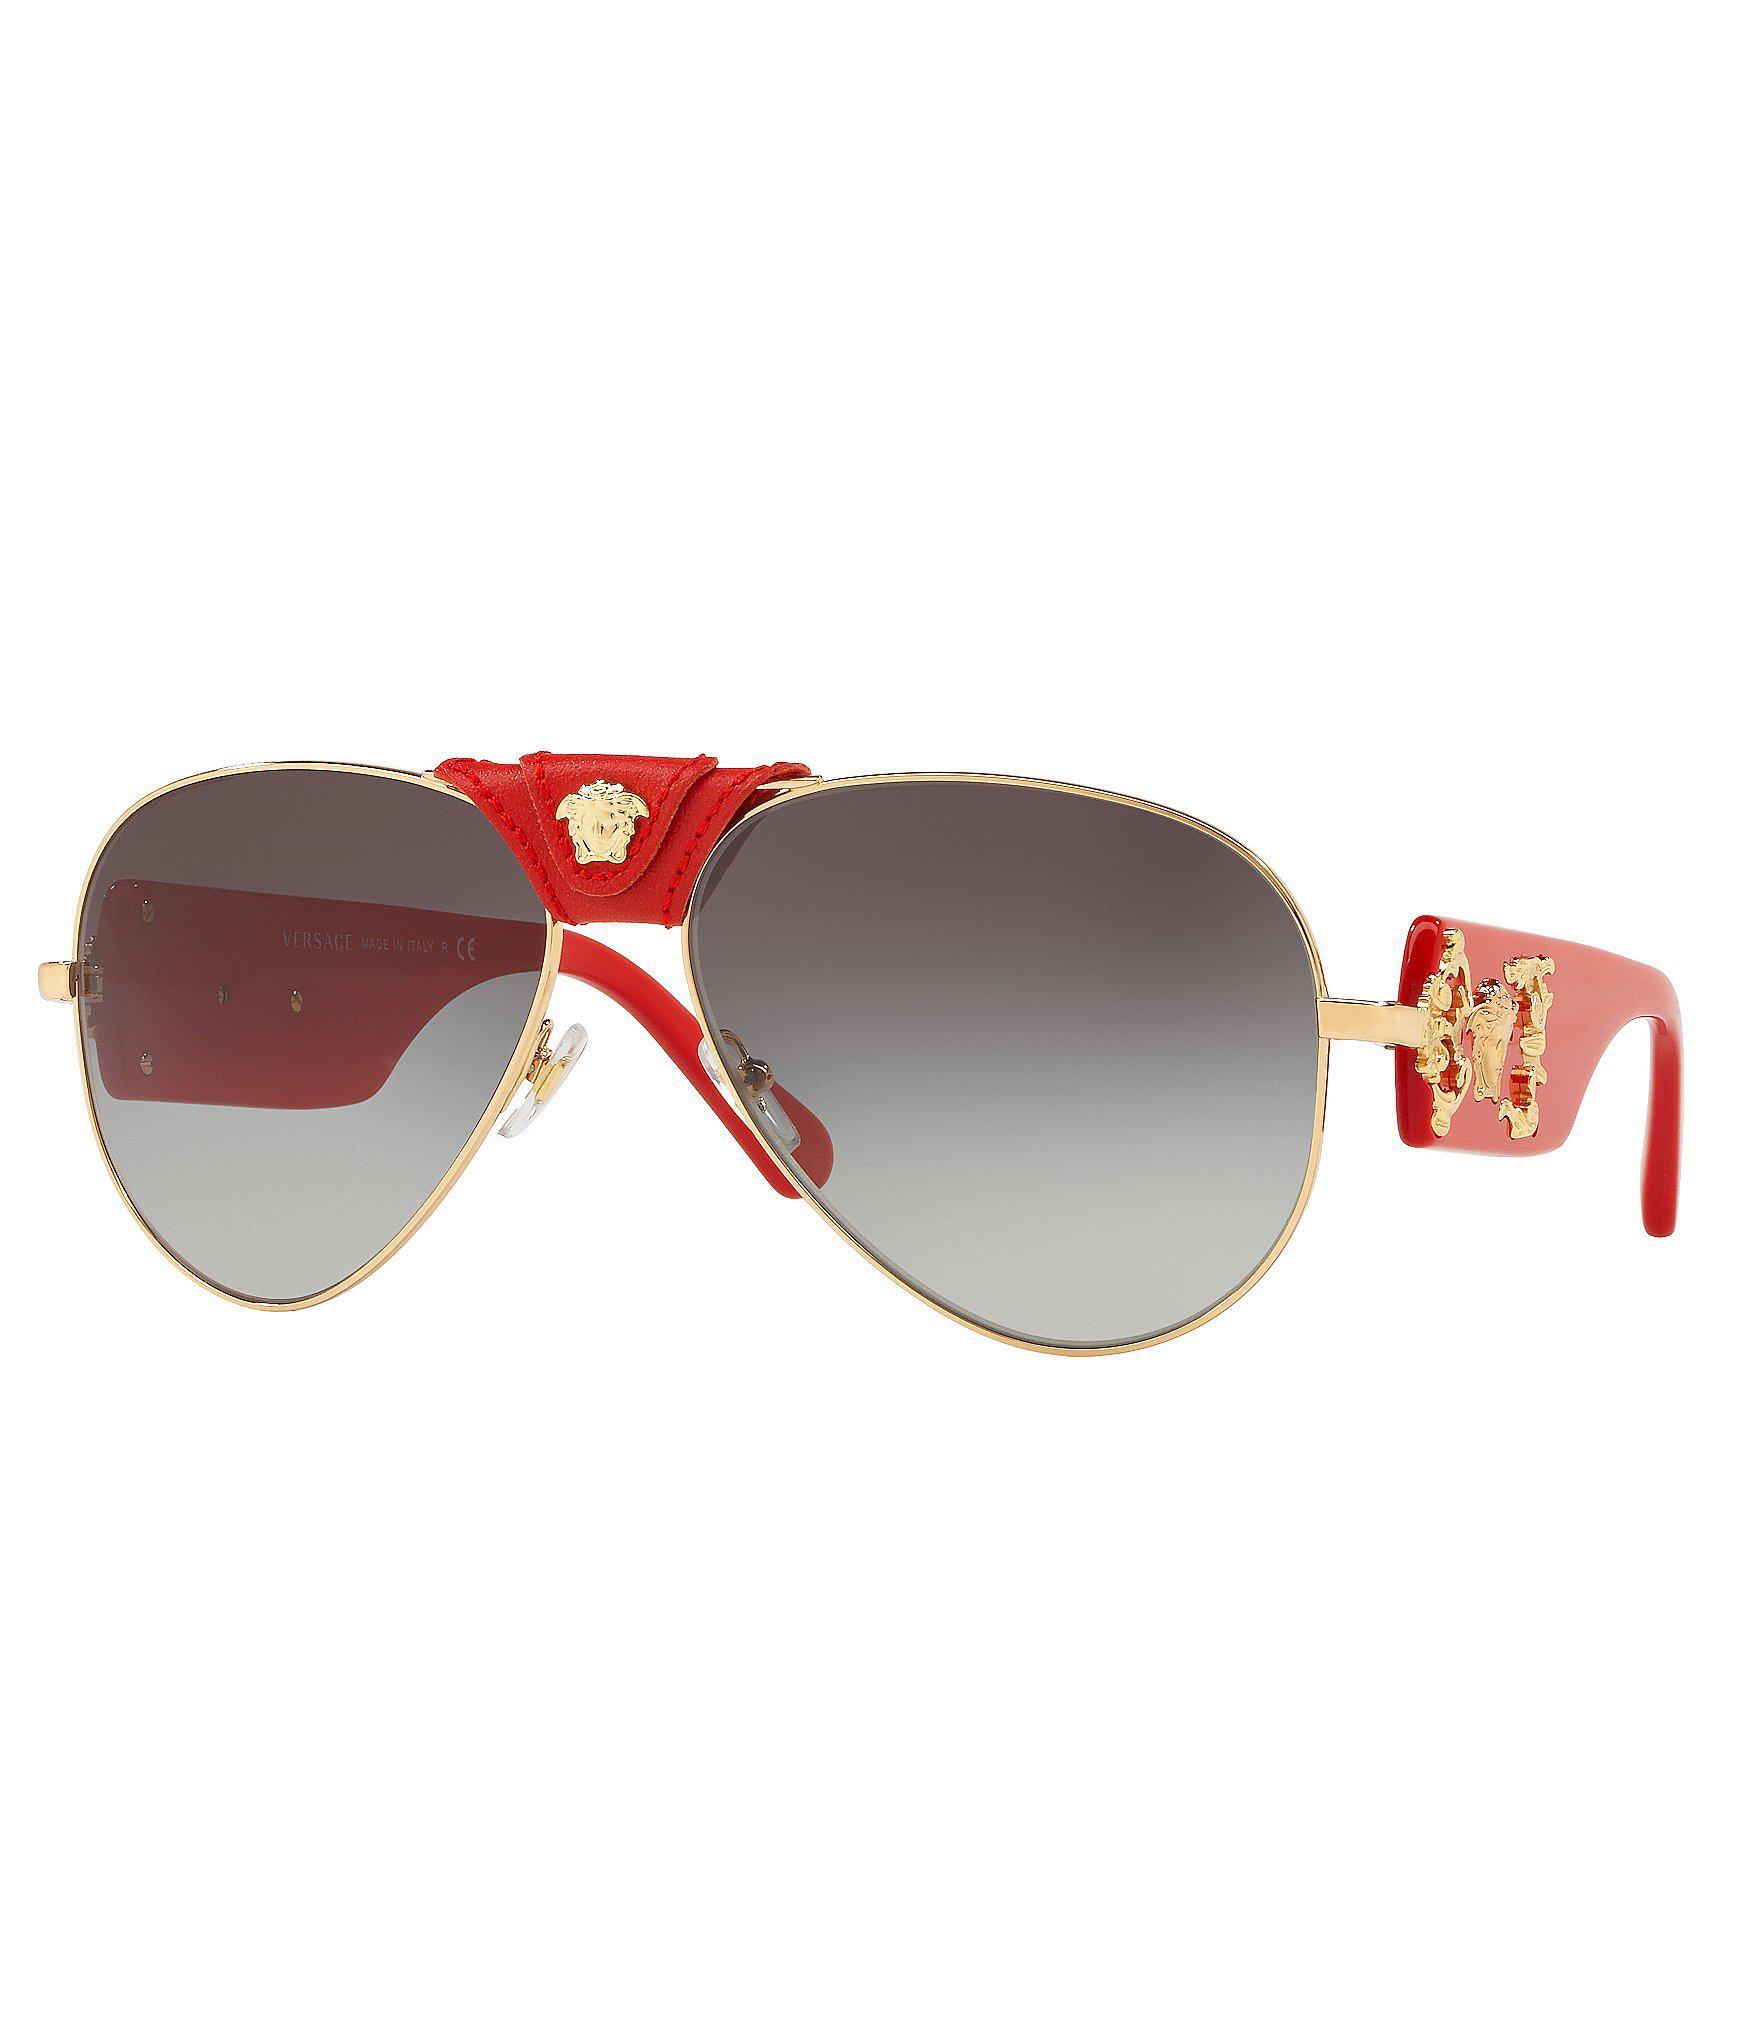 8b264e71e351 Lyst - Versace Men s Rock Icon Barocco Sunglasses in Metallic for ...